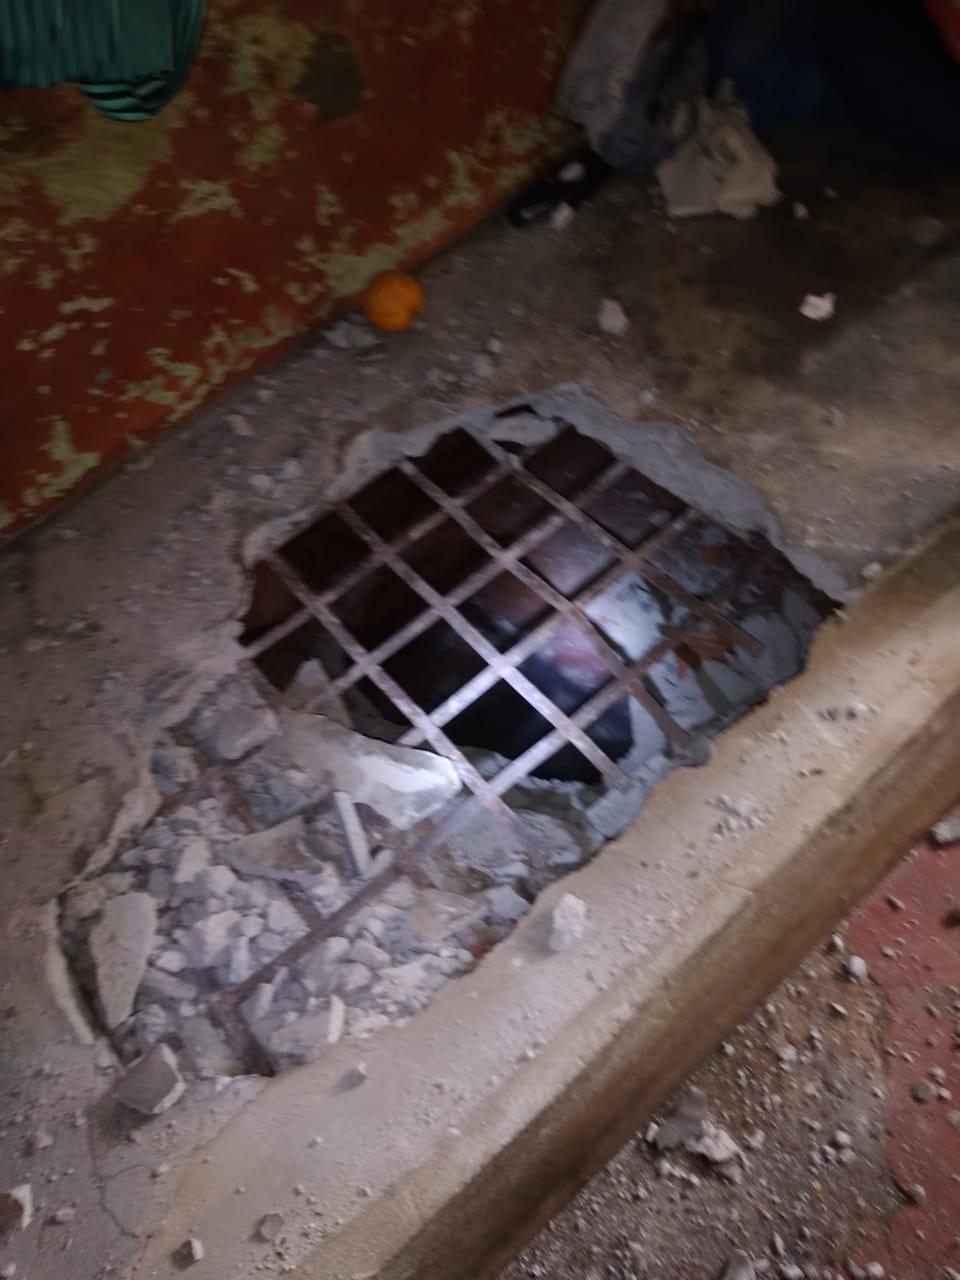 Agentes descobrem escavação de túnel e evitam possível fuga em presídio de Erechim